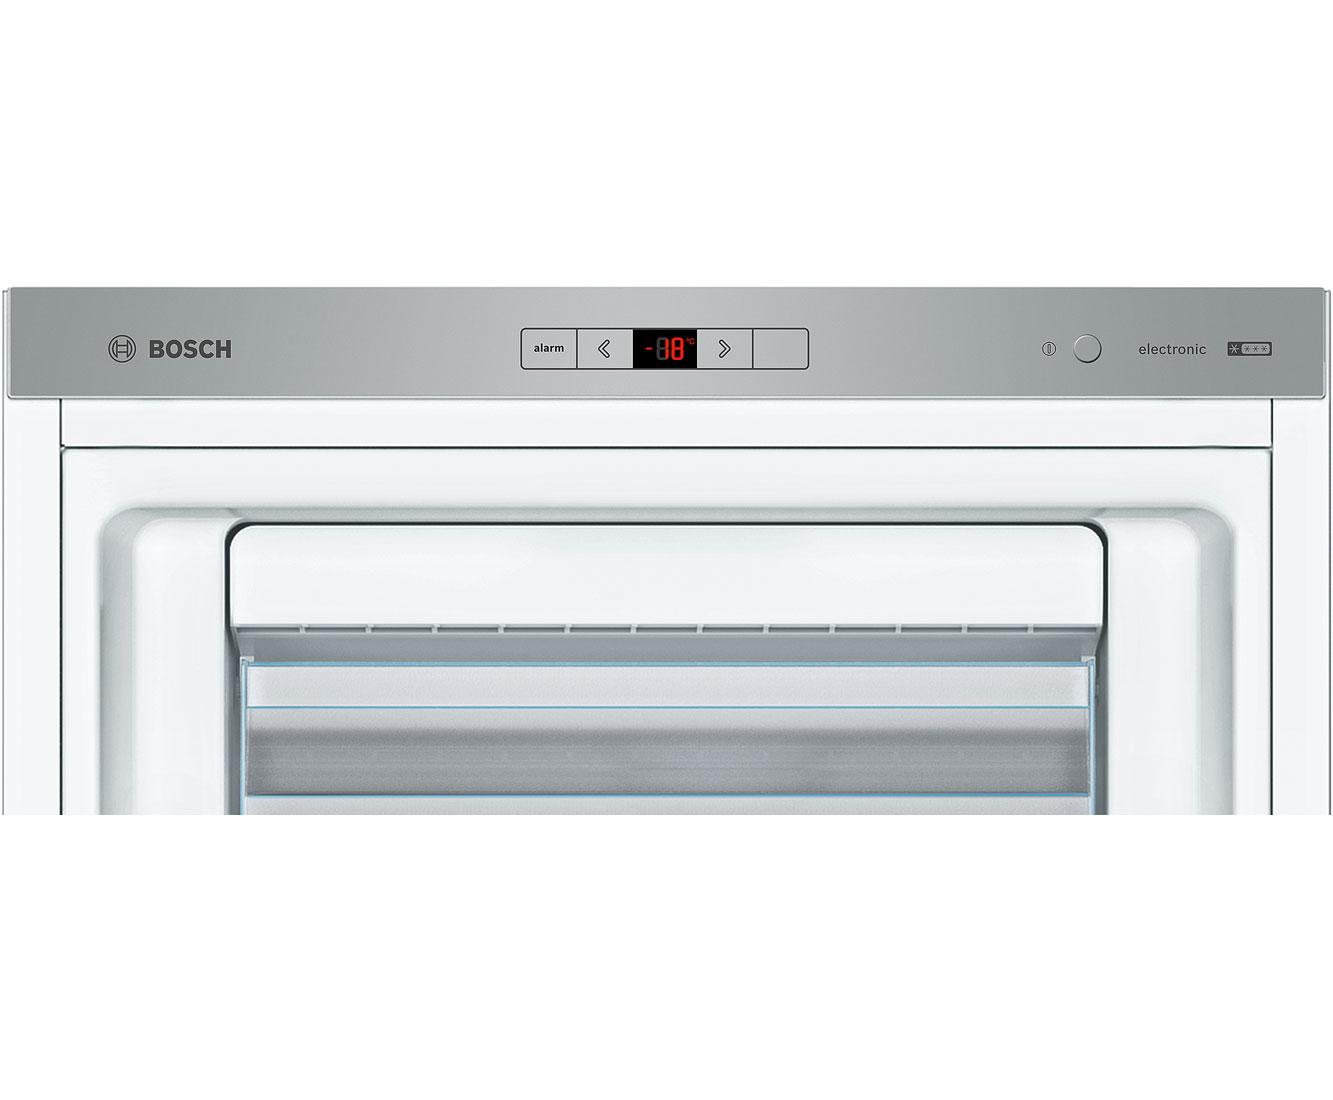 Bosch GSN58OW41